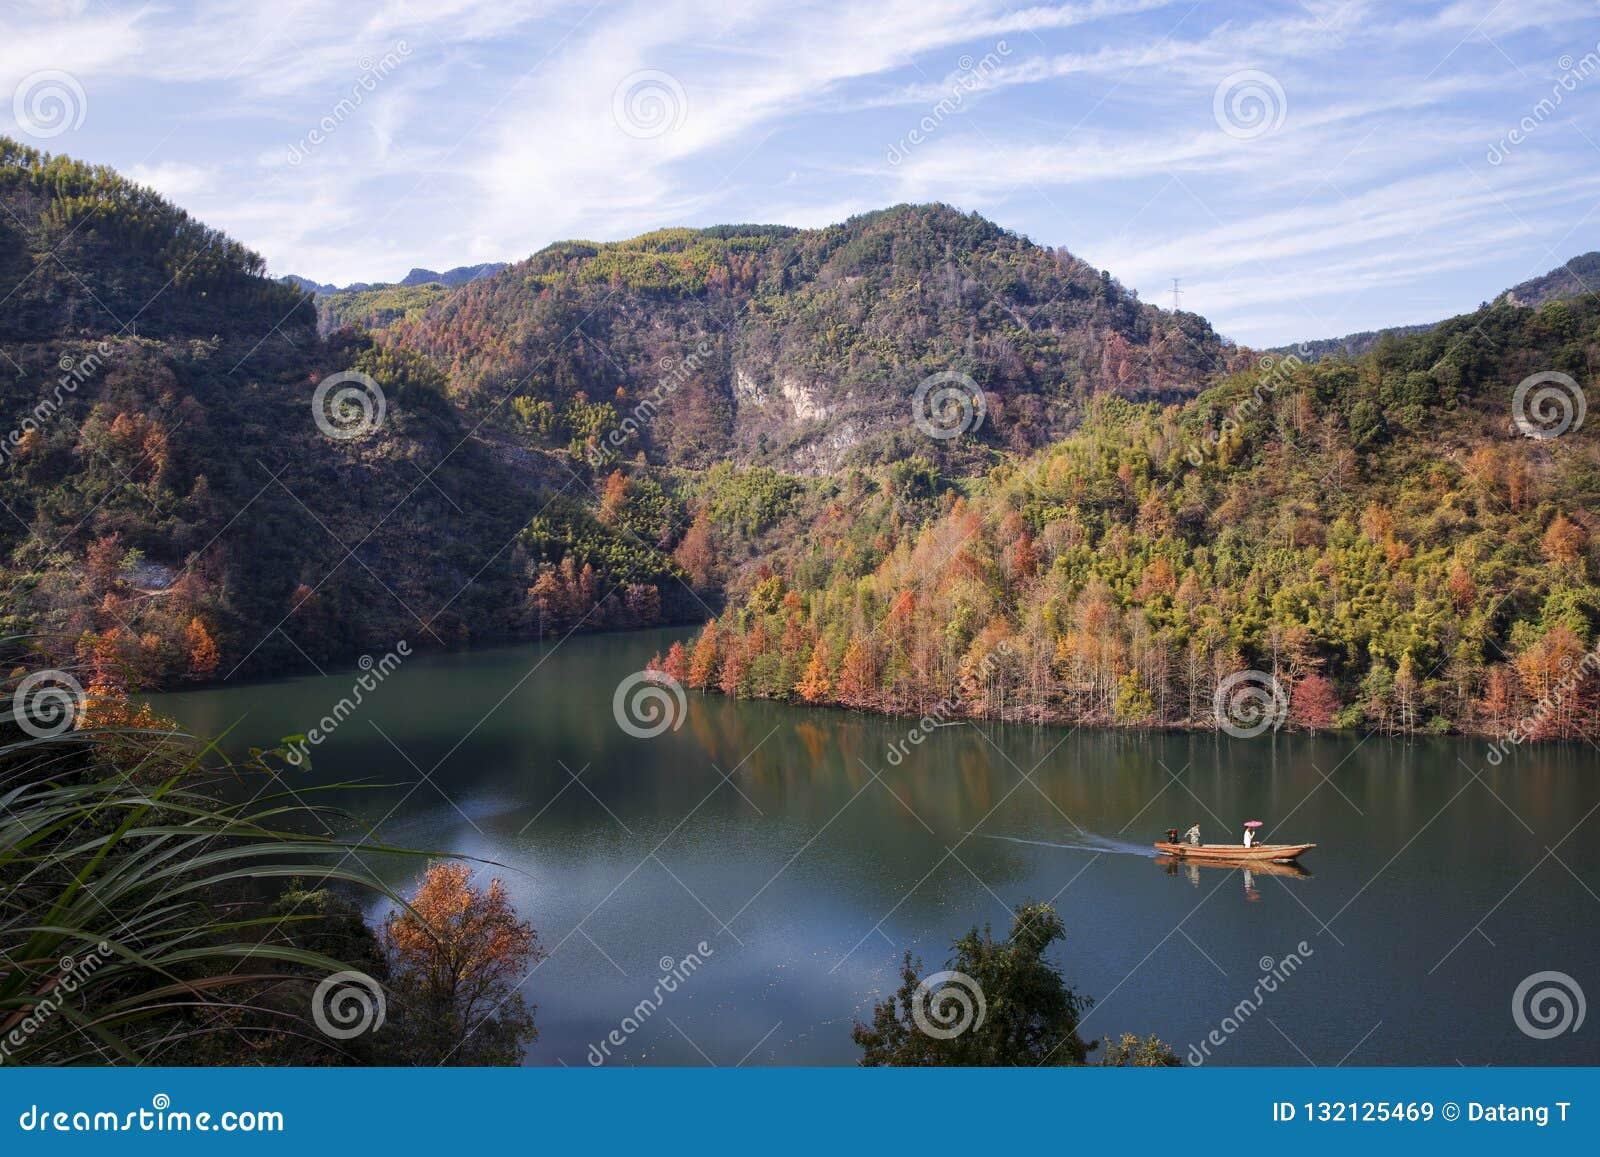 Kalte Berge und Wasser CengLinJinRan-Herbstes gestaltet landschaftlich